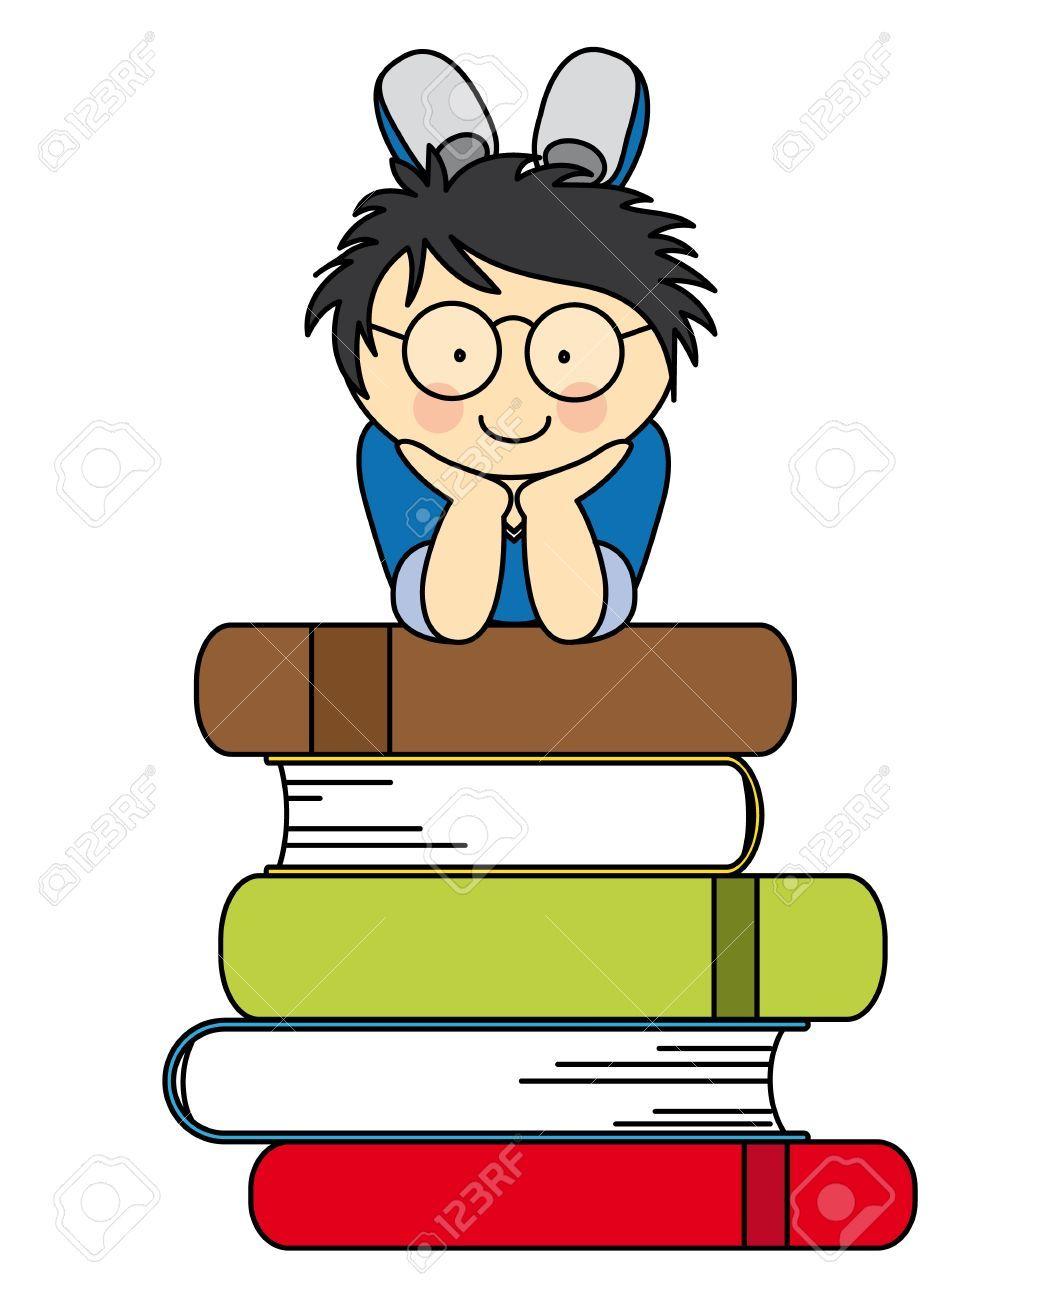 Nino Con Muchos Libros Diversion De Nuevo A La Escuela Dibujos Para Ninos Escuela Dibujo De Escuela